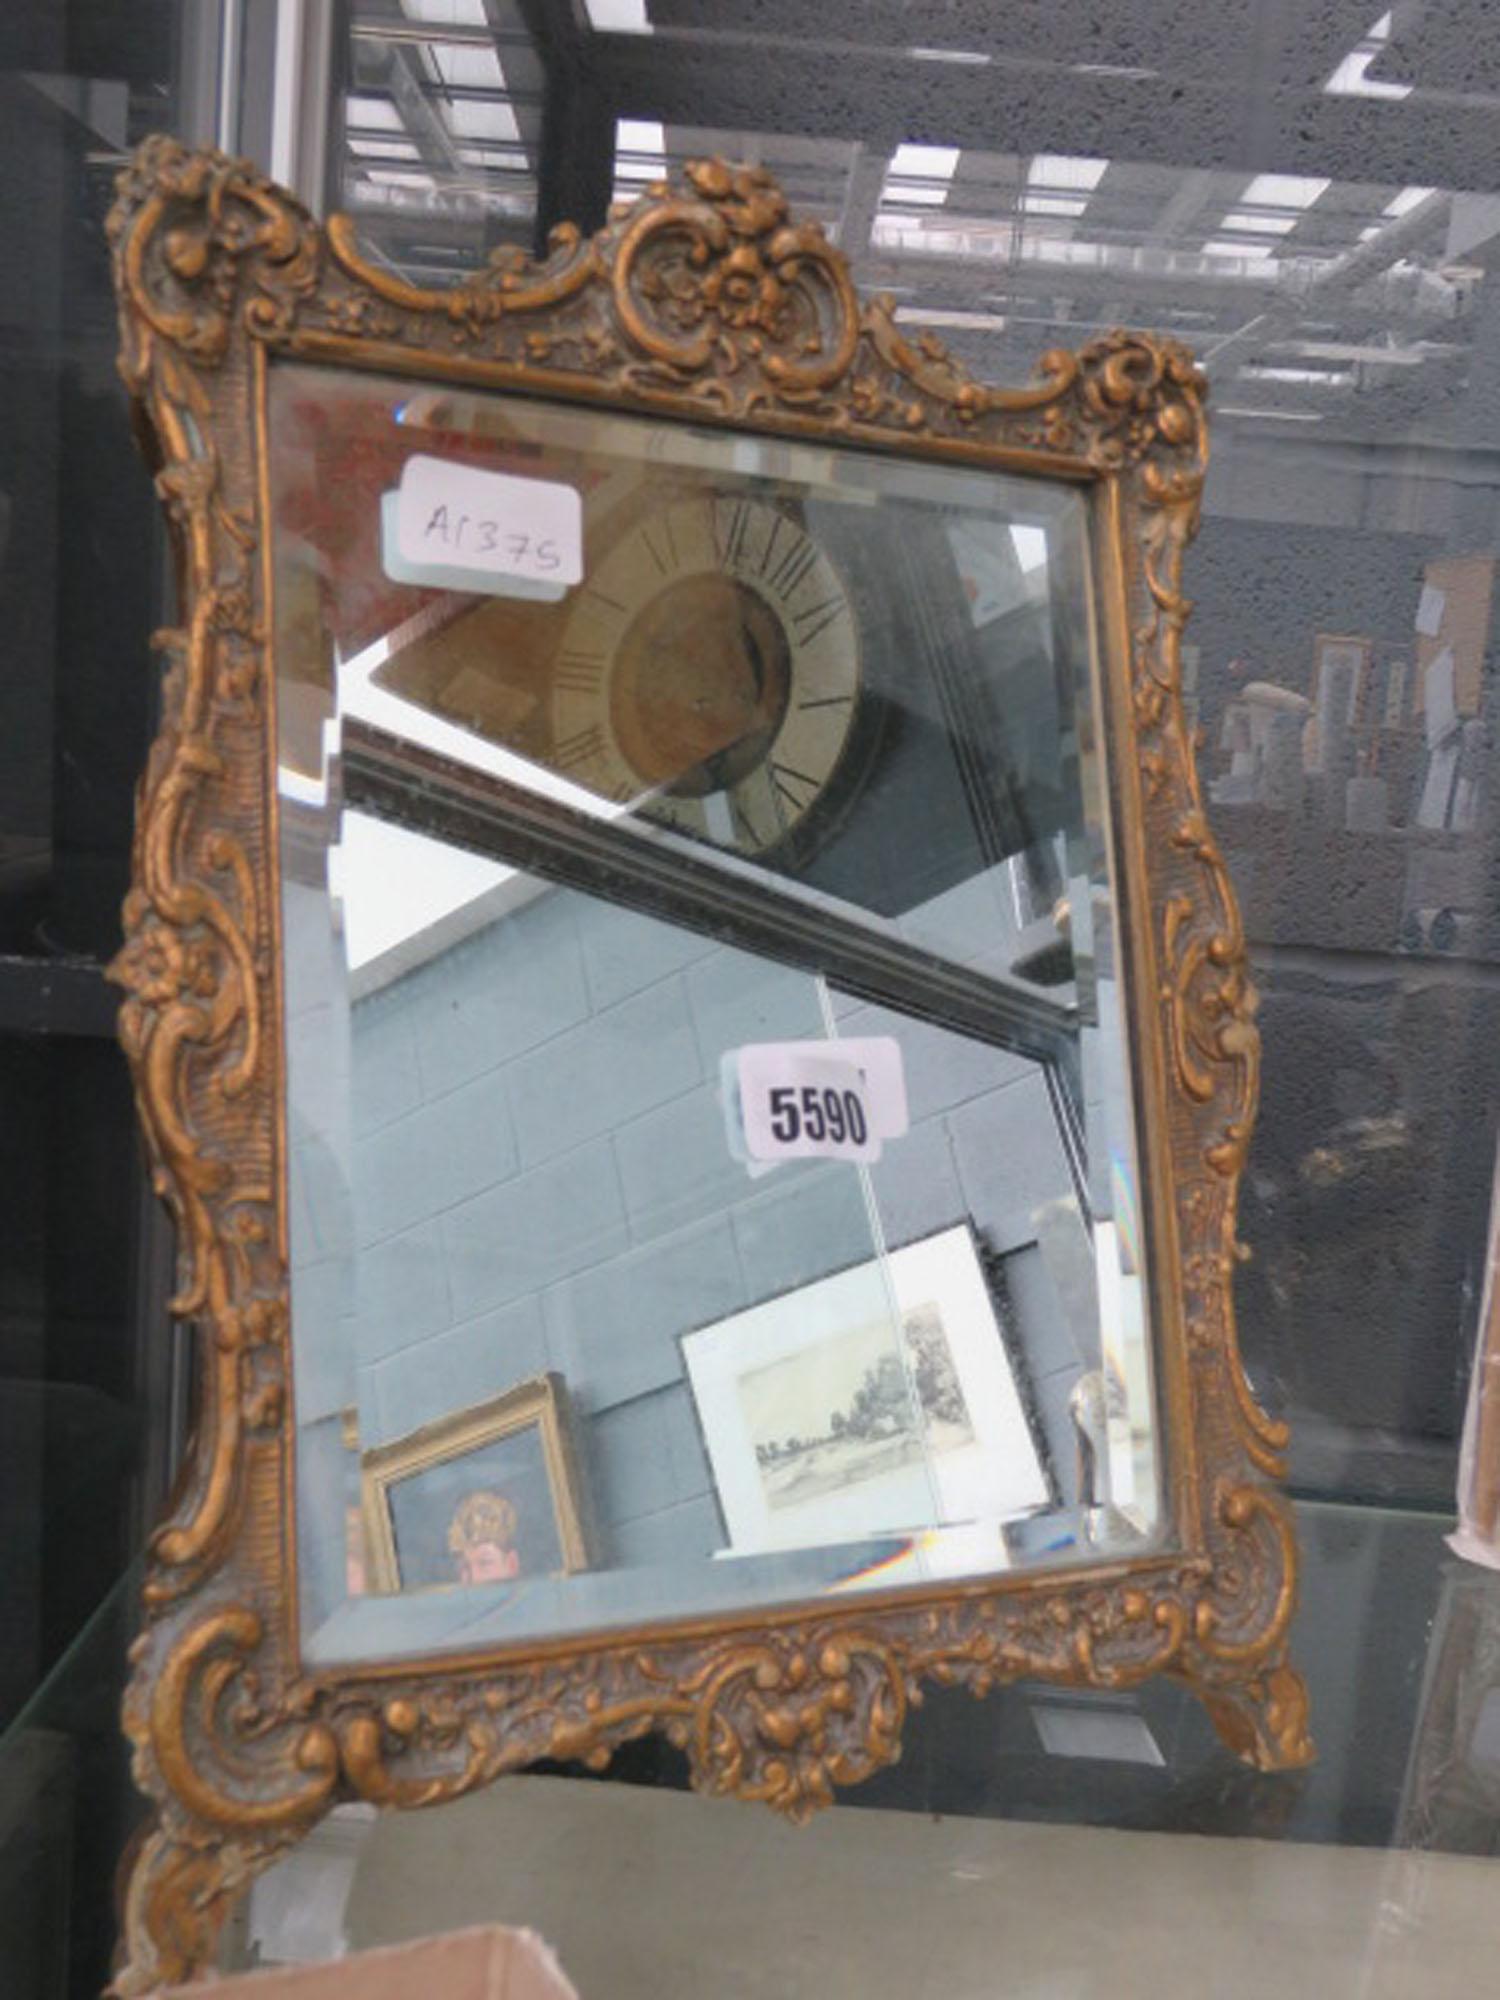 Rectangular bevelled mirror with ornate resin frame